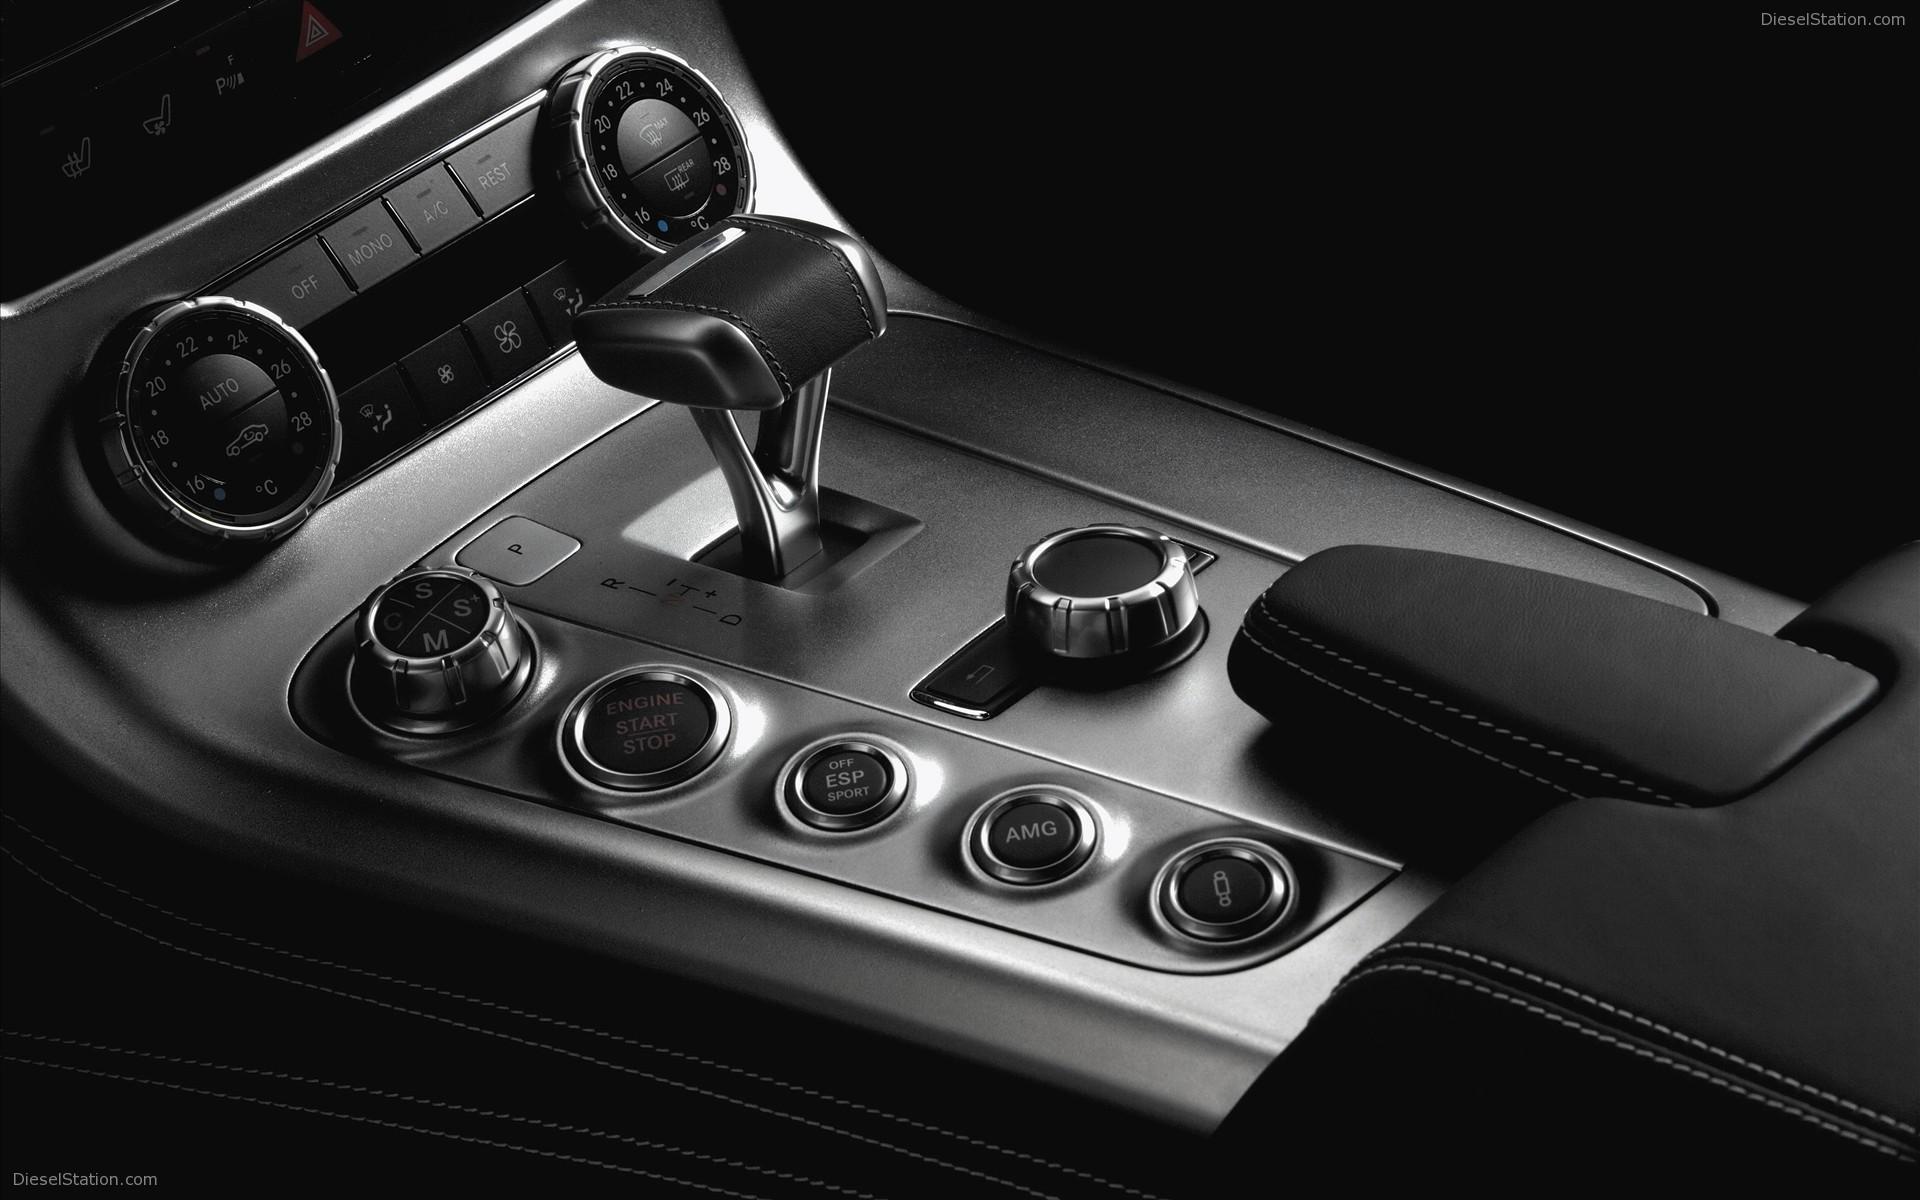 Metal Carbon Mercedes Benz Sls Amg Interior Widescreen Exotic Car